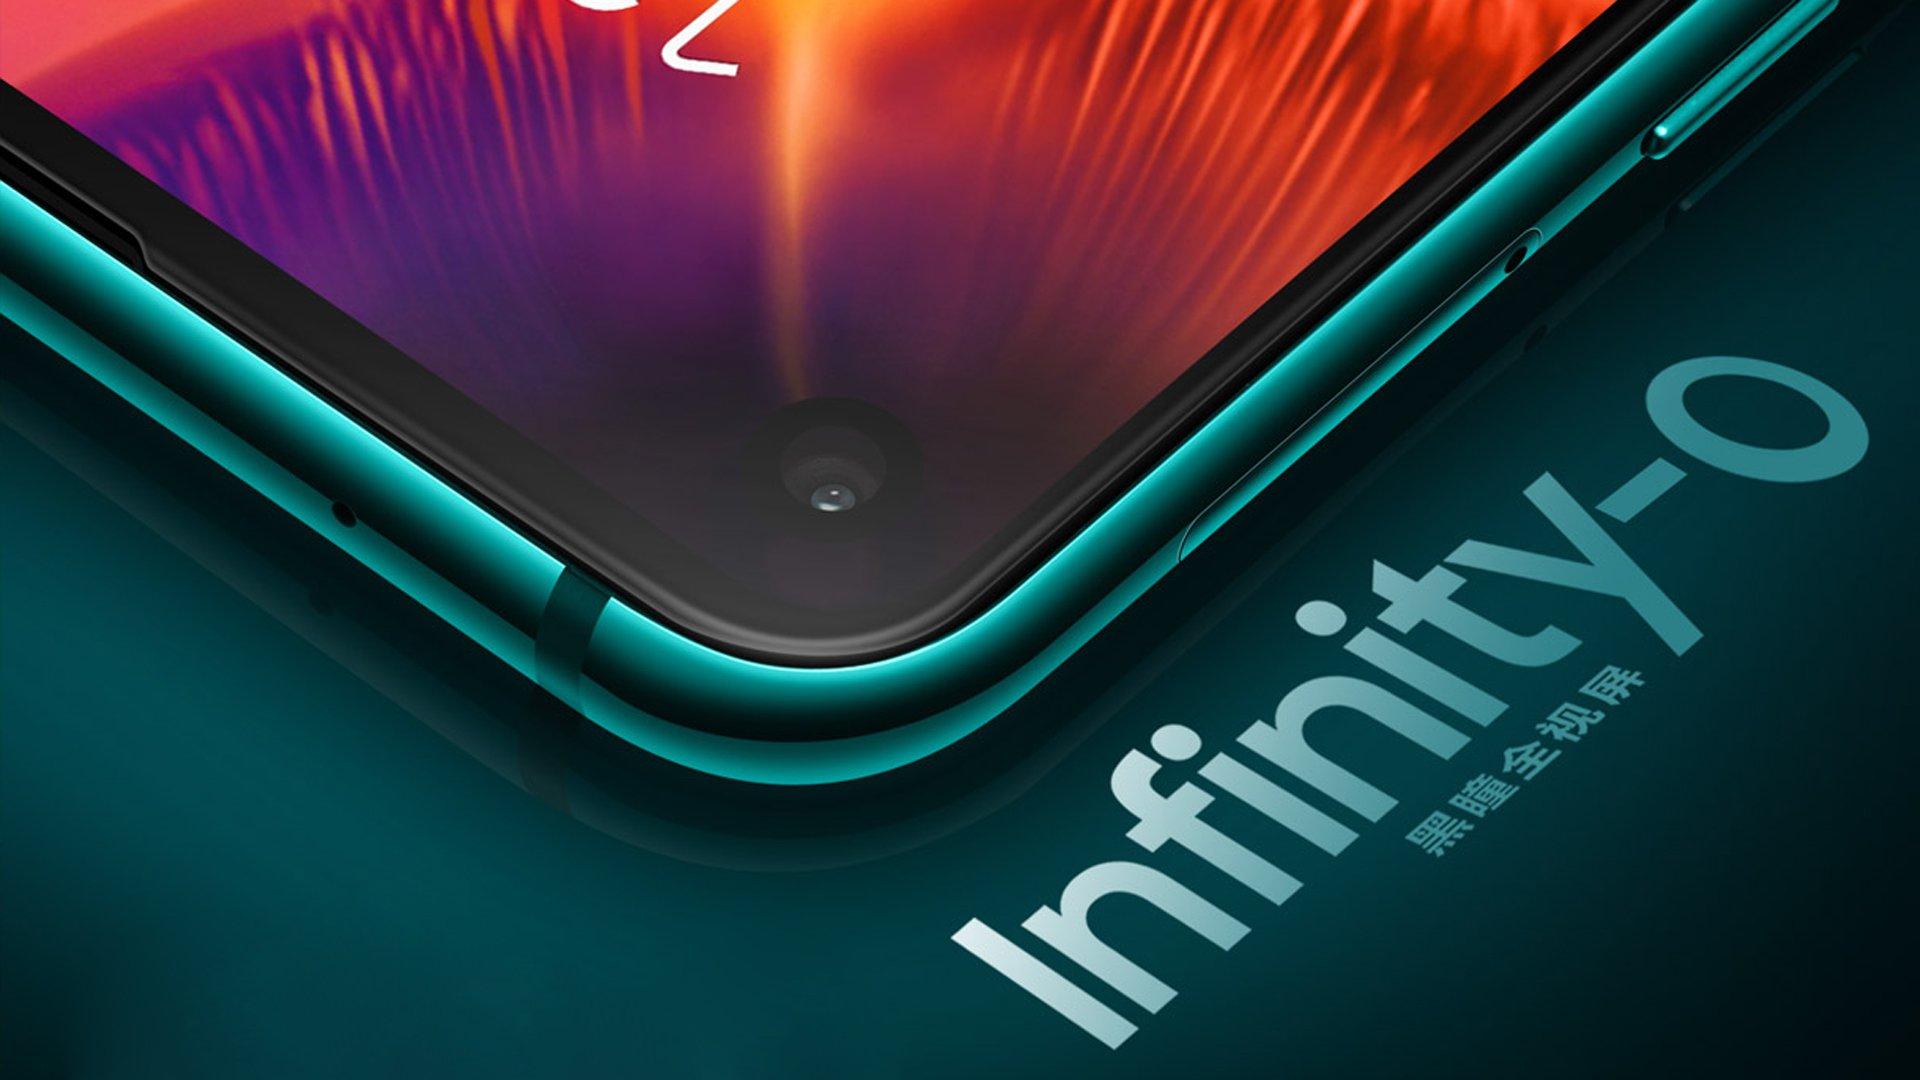 Samsung galaxy s10 bildschirm drehen